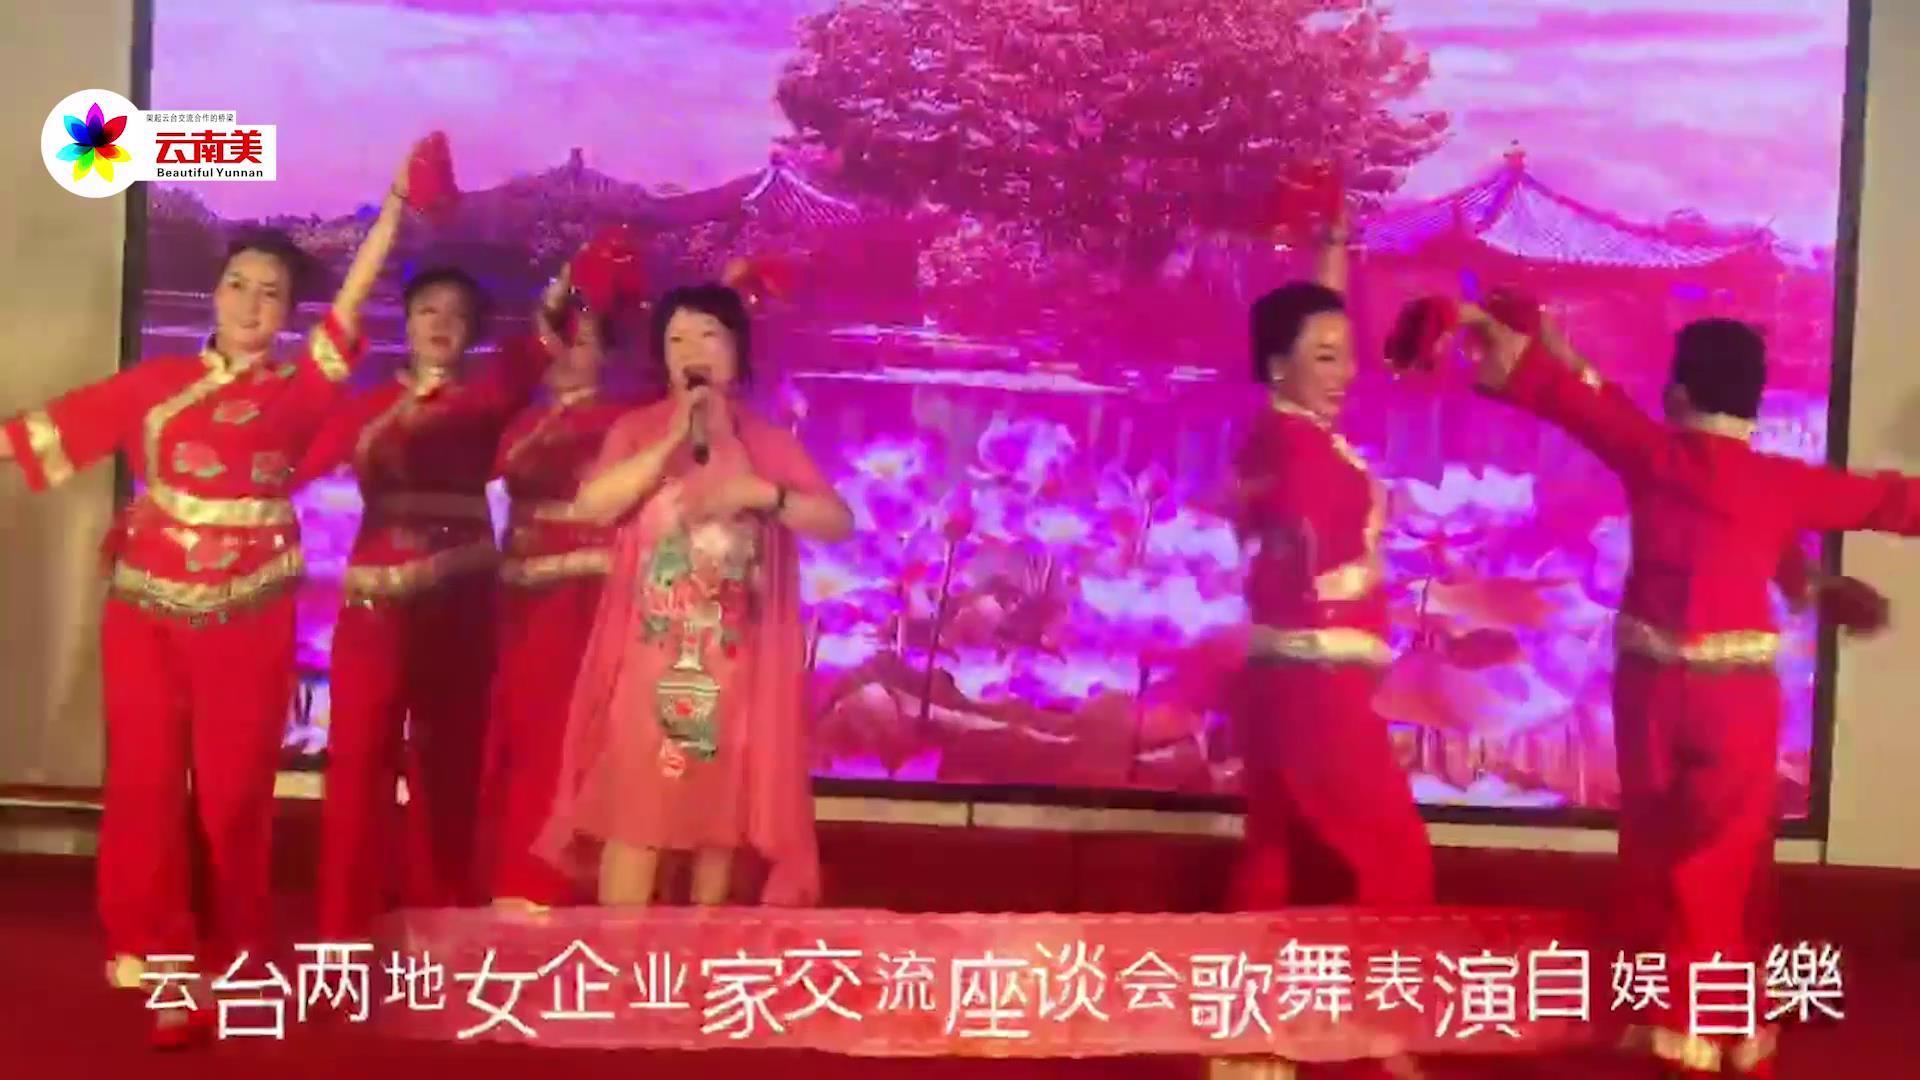 云台两地女企业家交流座谈会歌舞表演图片